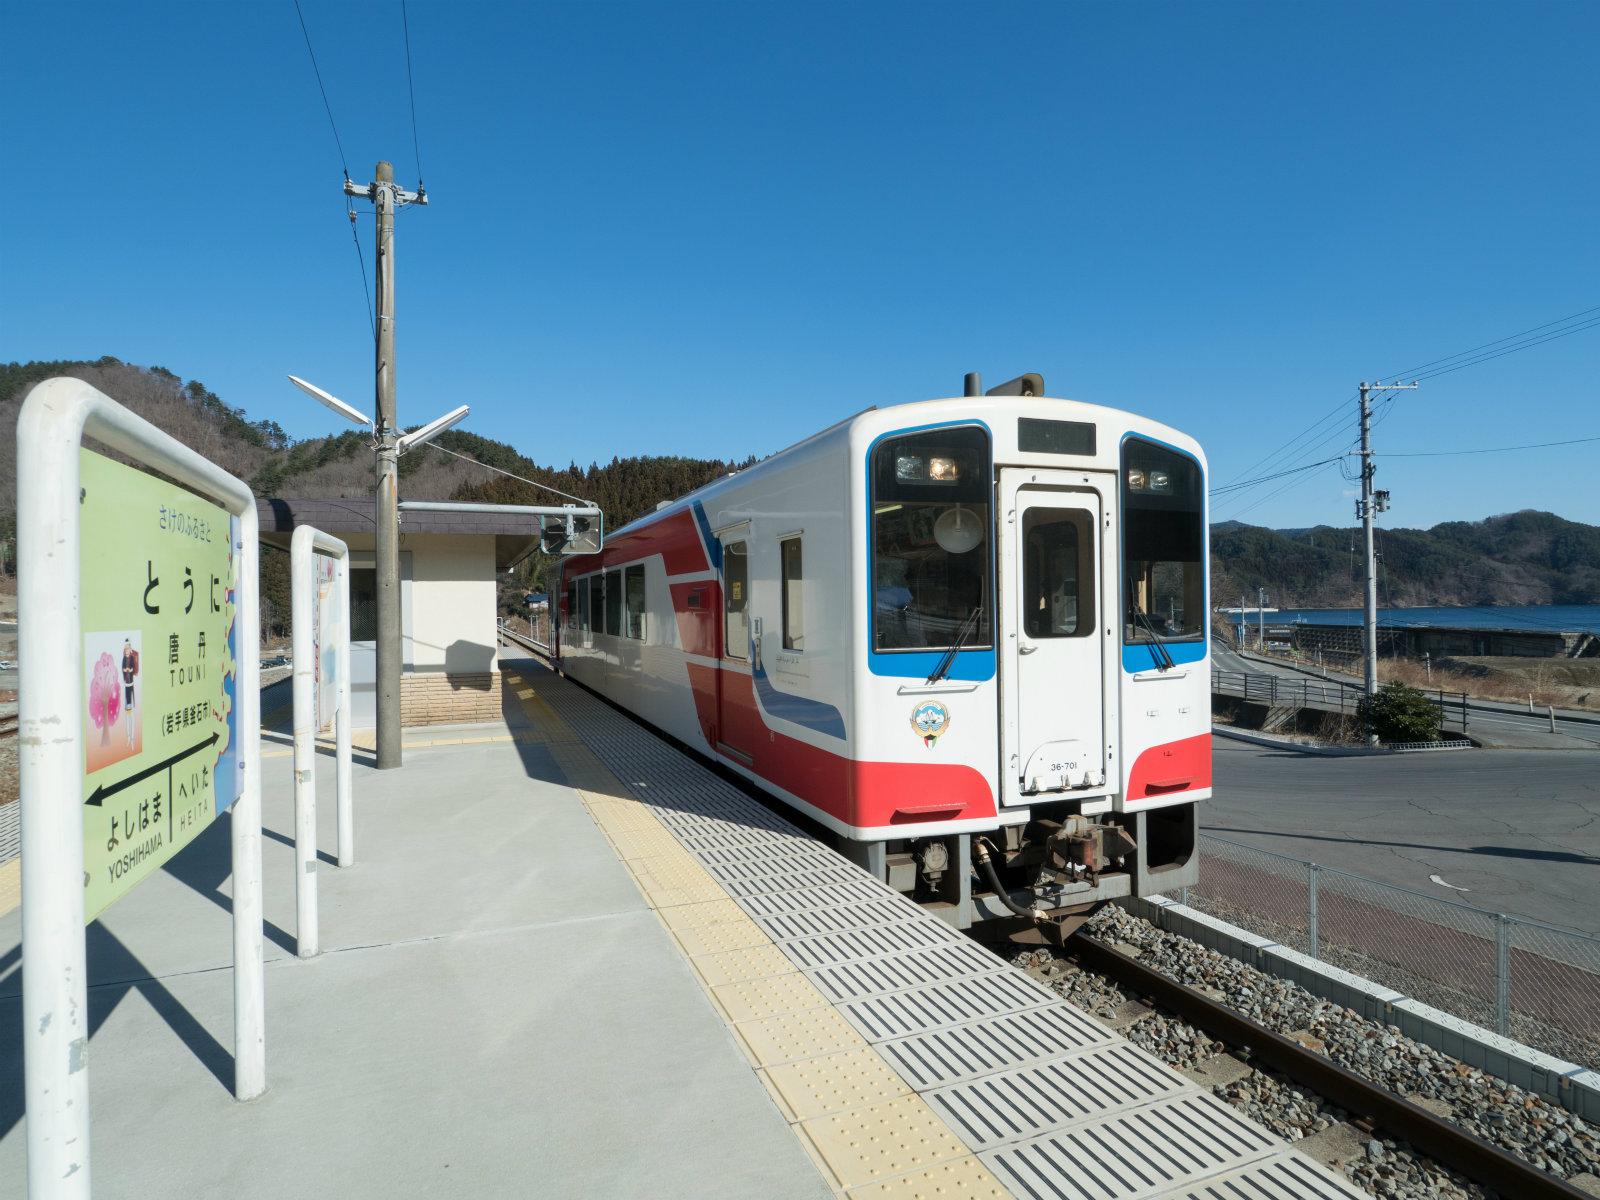 2〜3時間に1本の列車がやってきました。1両編成のかわいいディーゼルカーです。